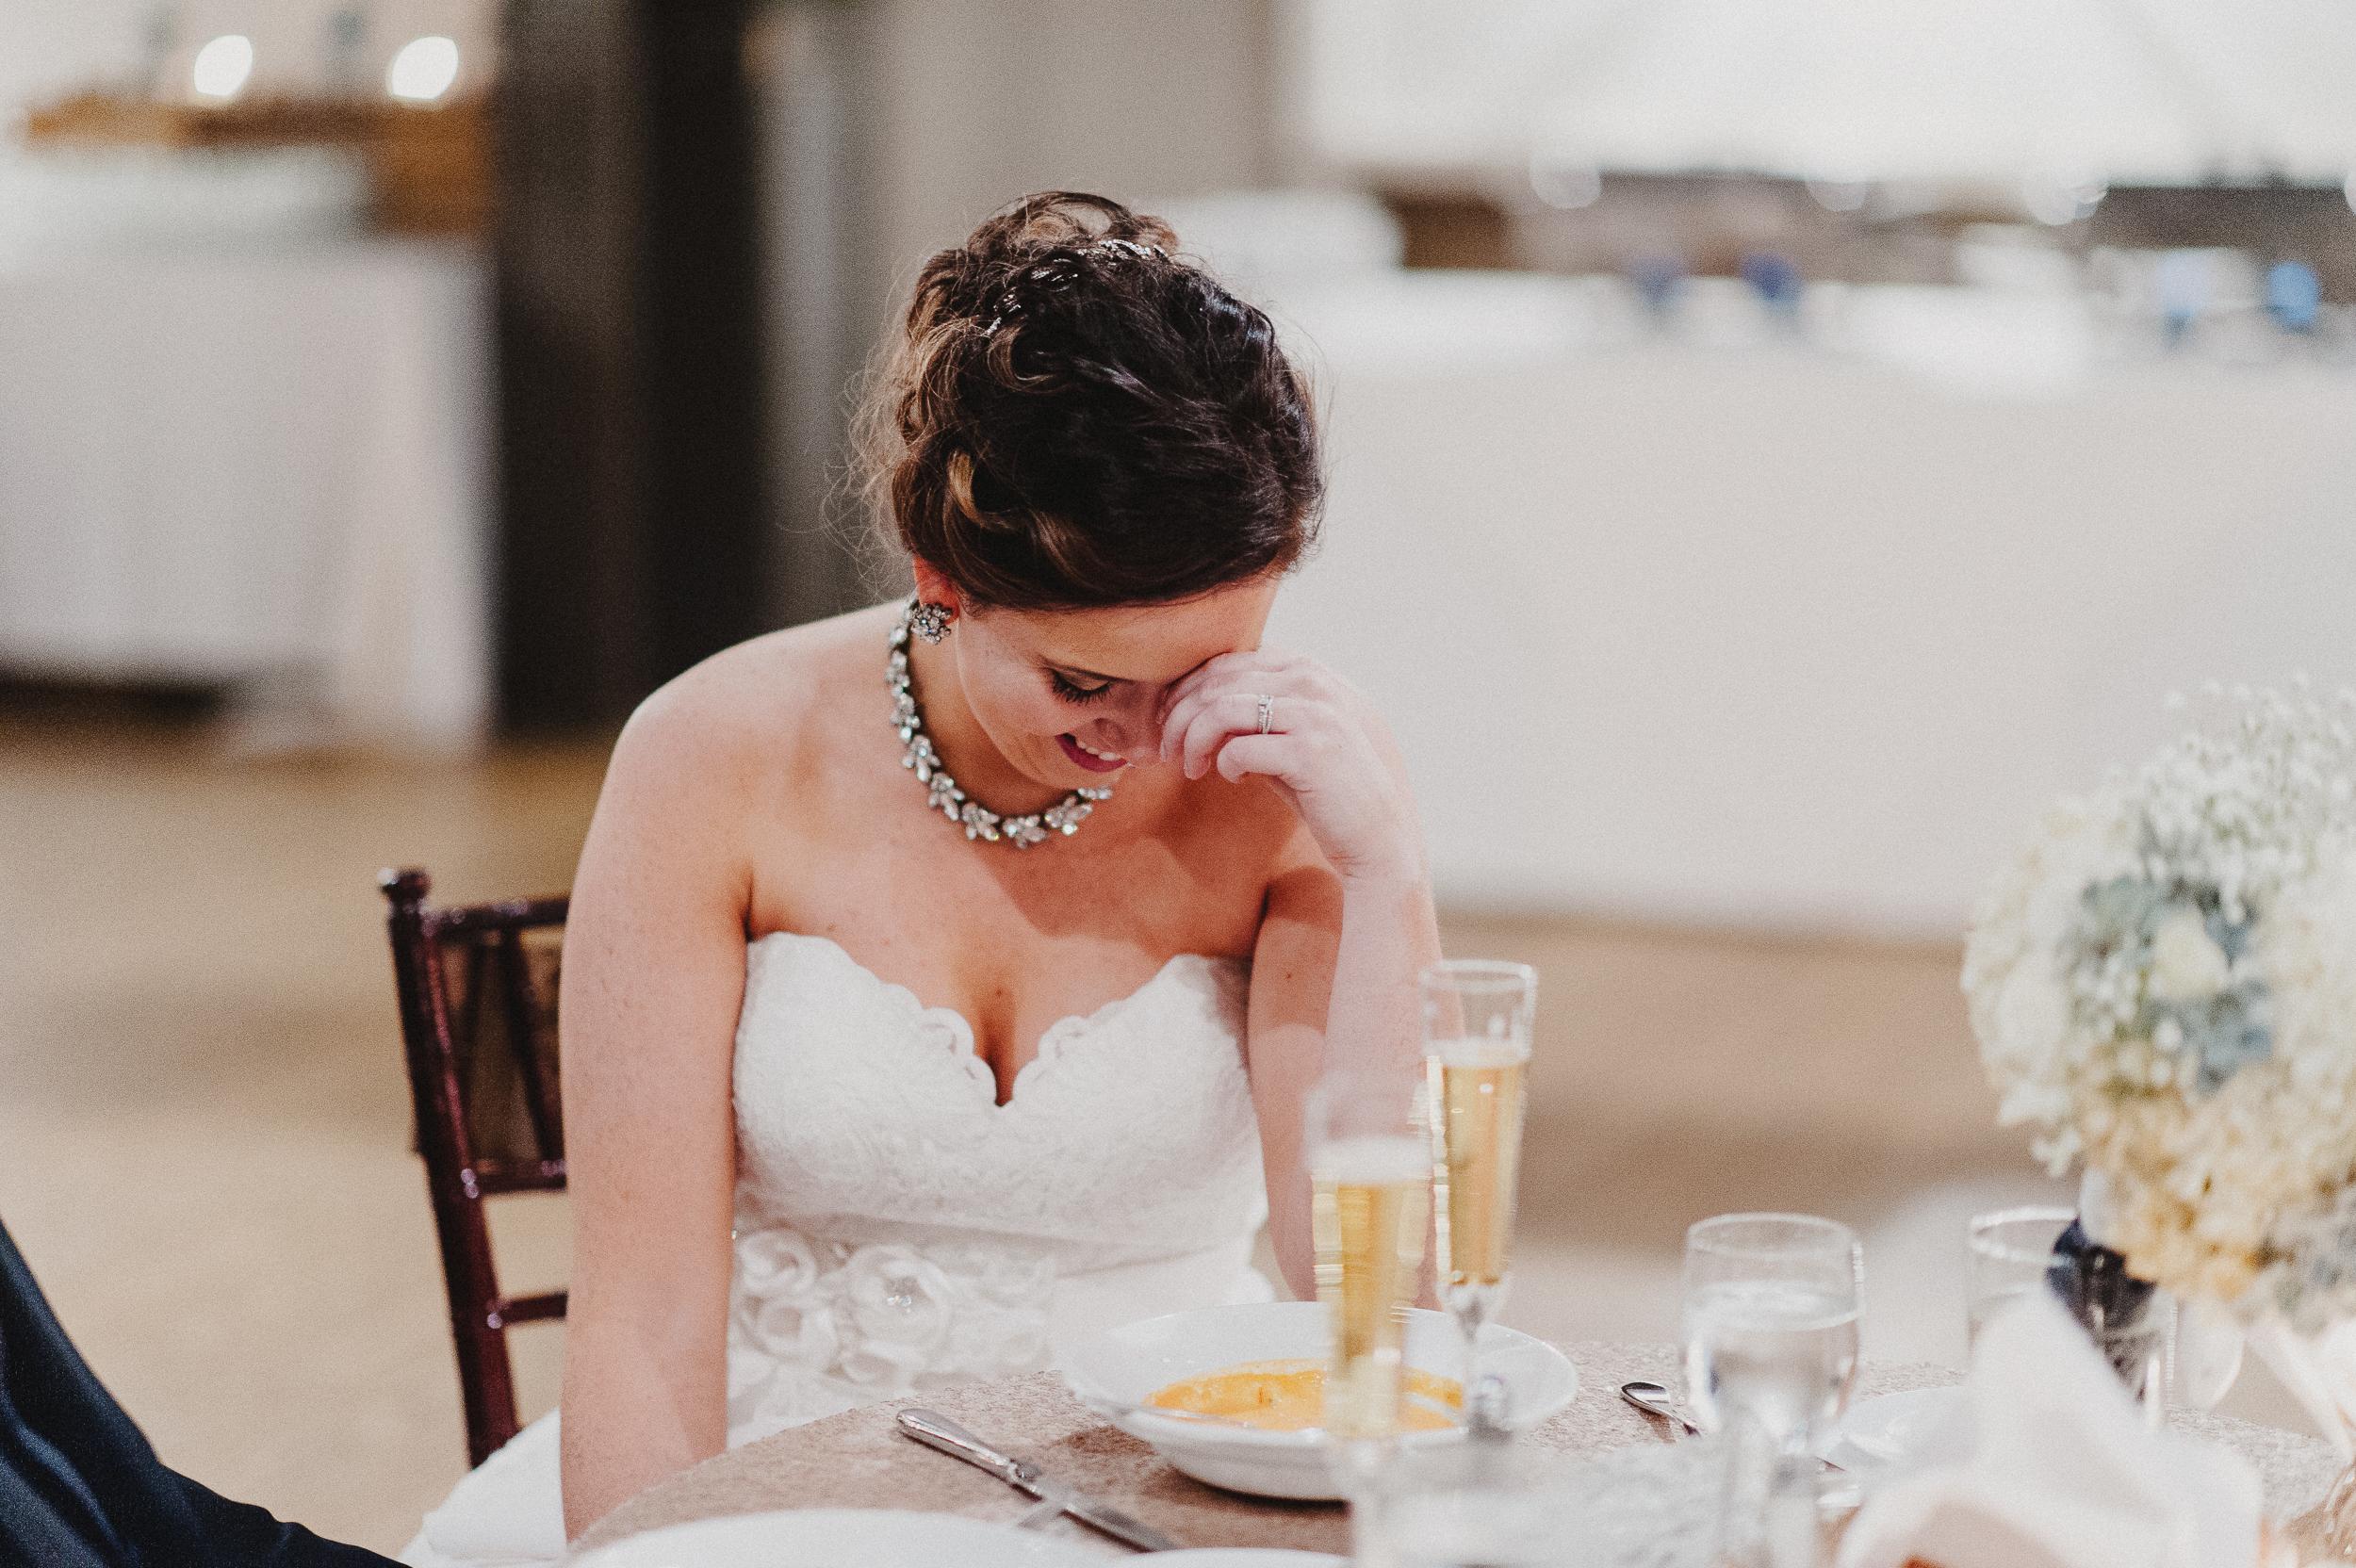 vermont-destination-wedding-photographer-61.jpg